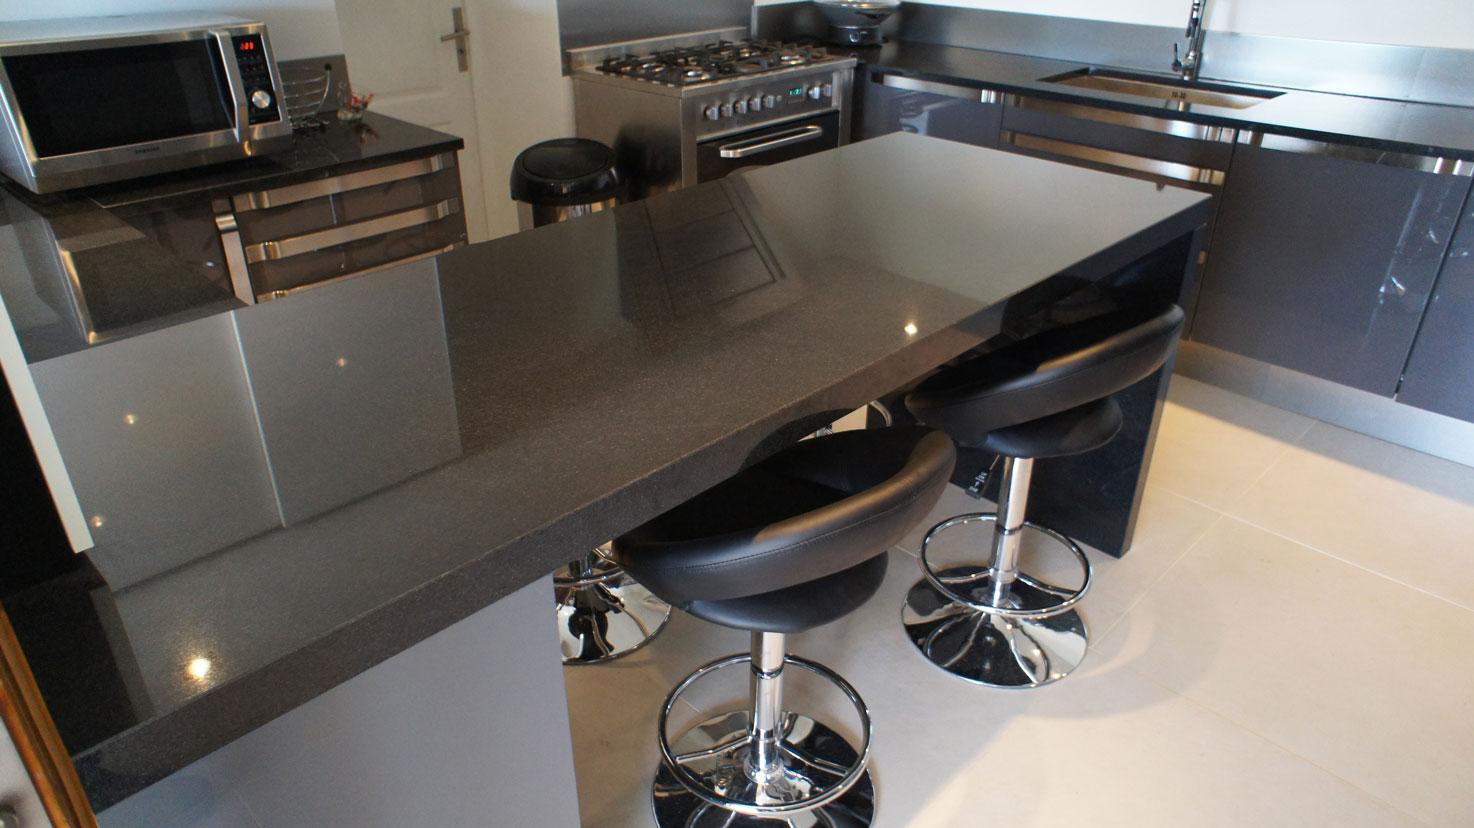 Kitchen Countertop in Black Granite5